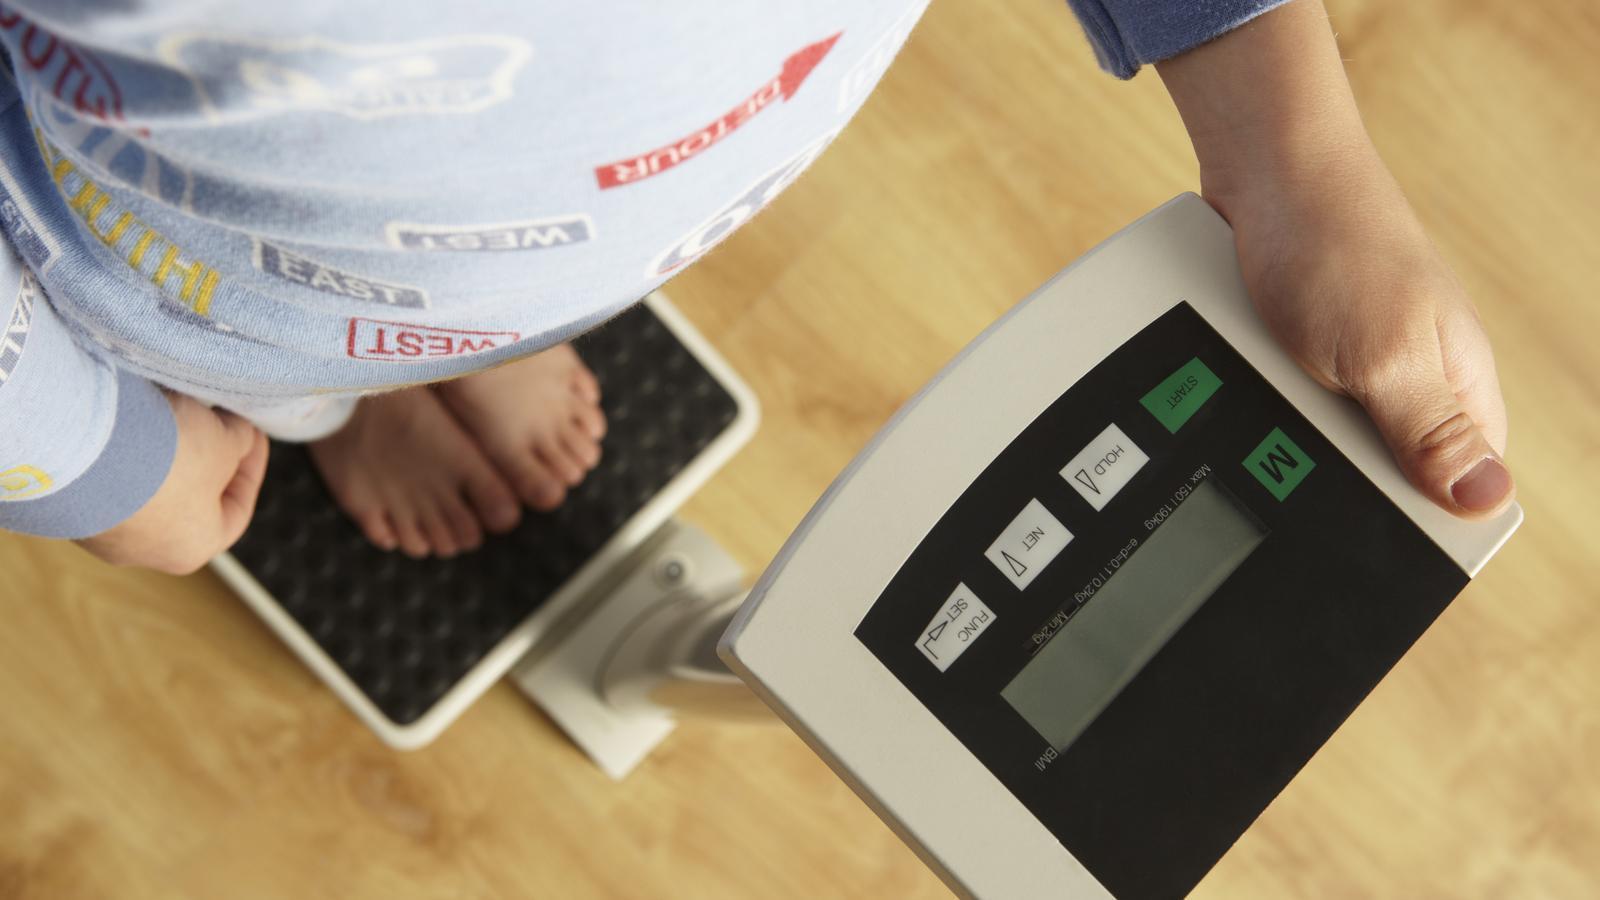 El 18,4% de la població mundial d'entre 5 i 19 anys pateixen sobrepès. A la imatge, un nen pesant-se en una consulta mèdica.